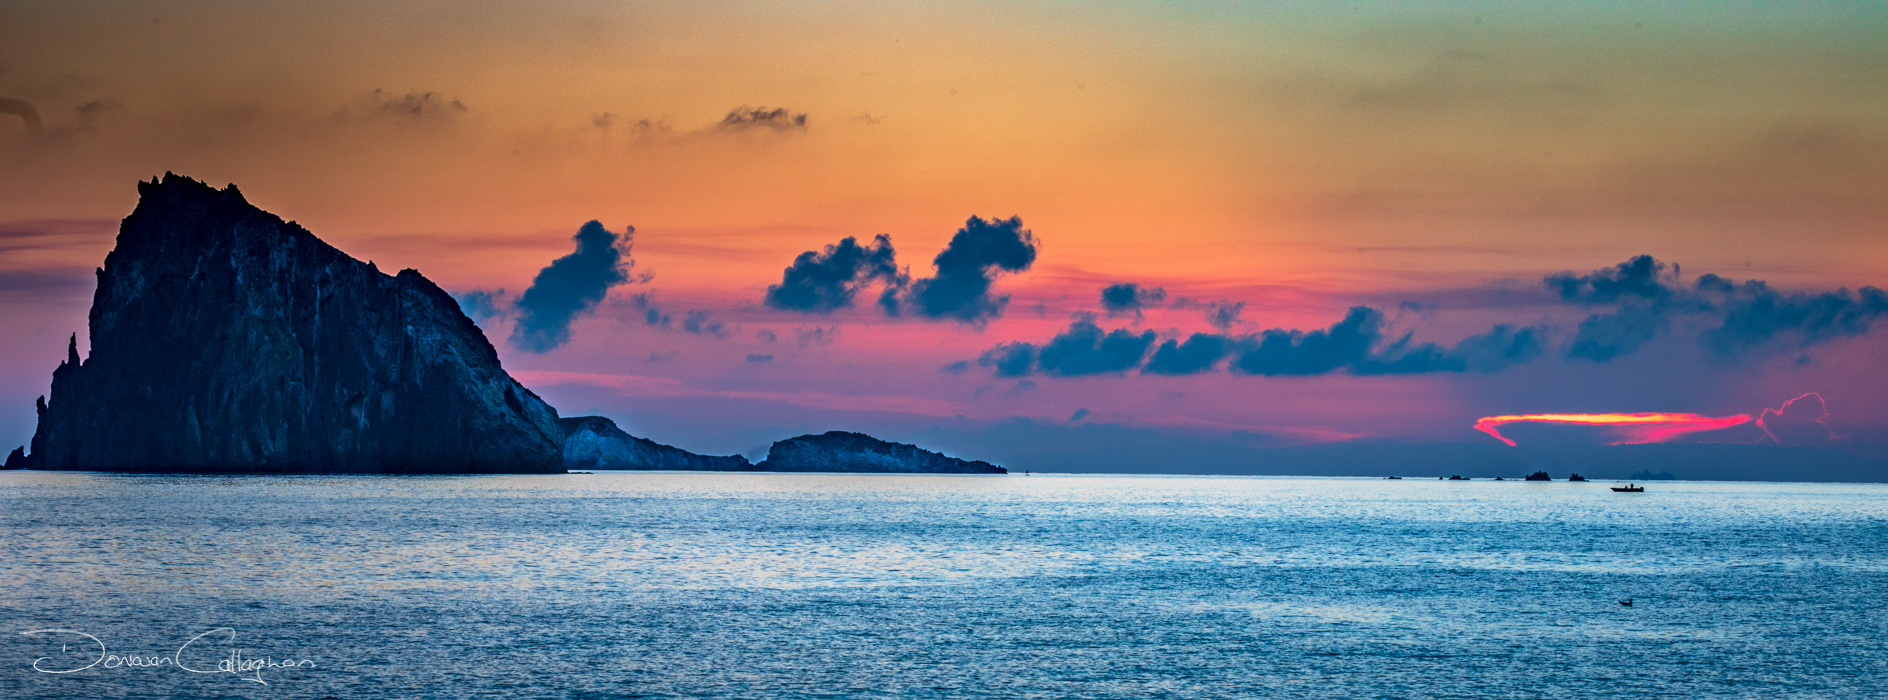 Panarea Dattilo Island Sunrise Panorama, Italy